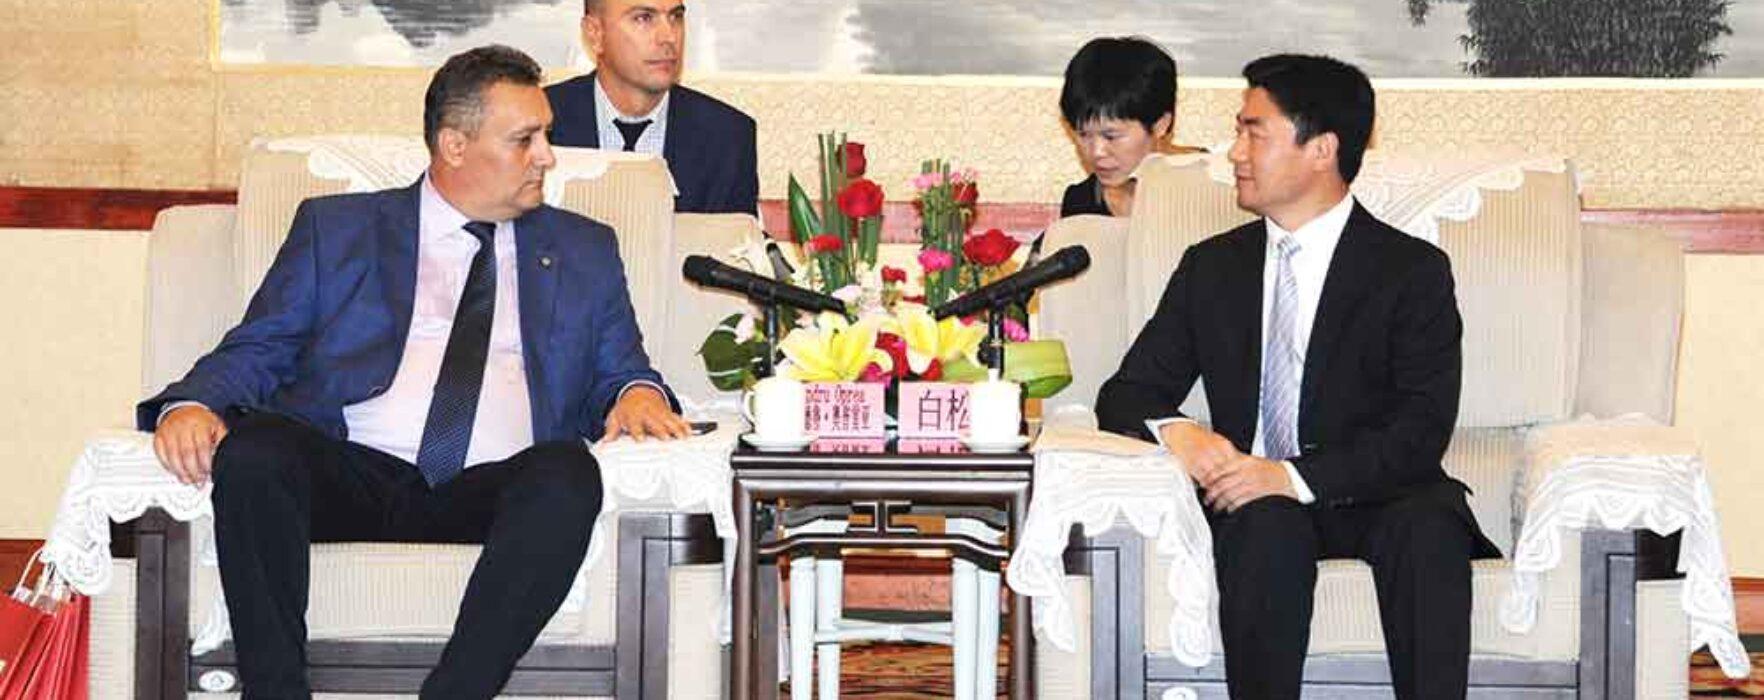 Dâmboviţa: Chinezii, interesaţi de investiţii în zona Padina-Peştera şi de colaborare cu Universitatea Valahia